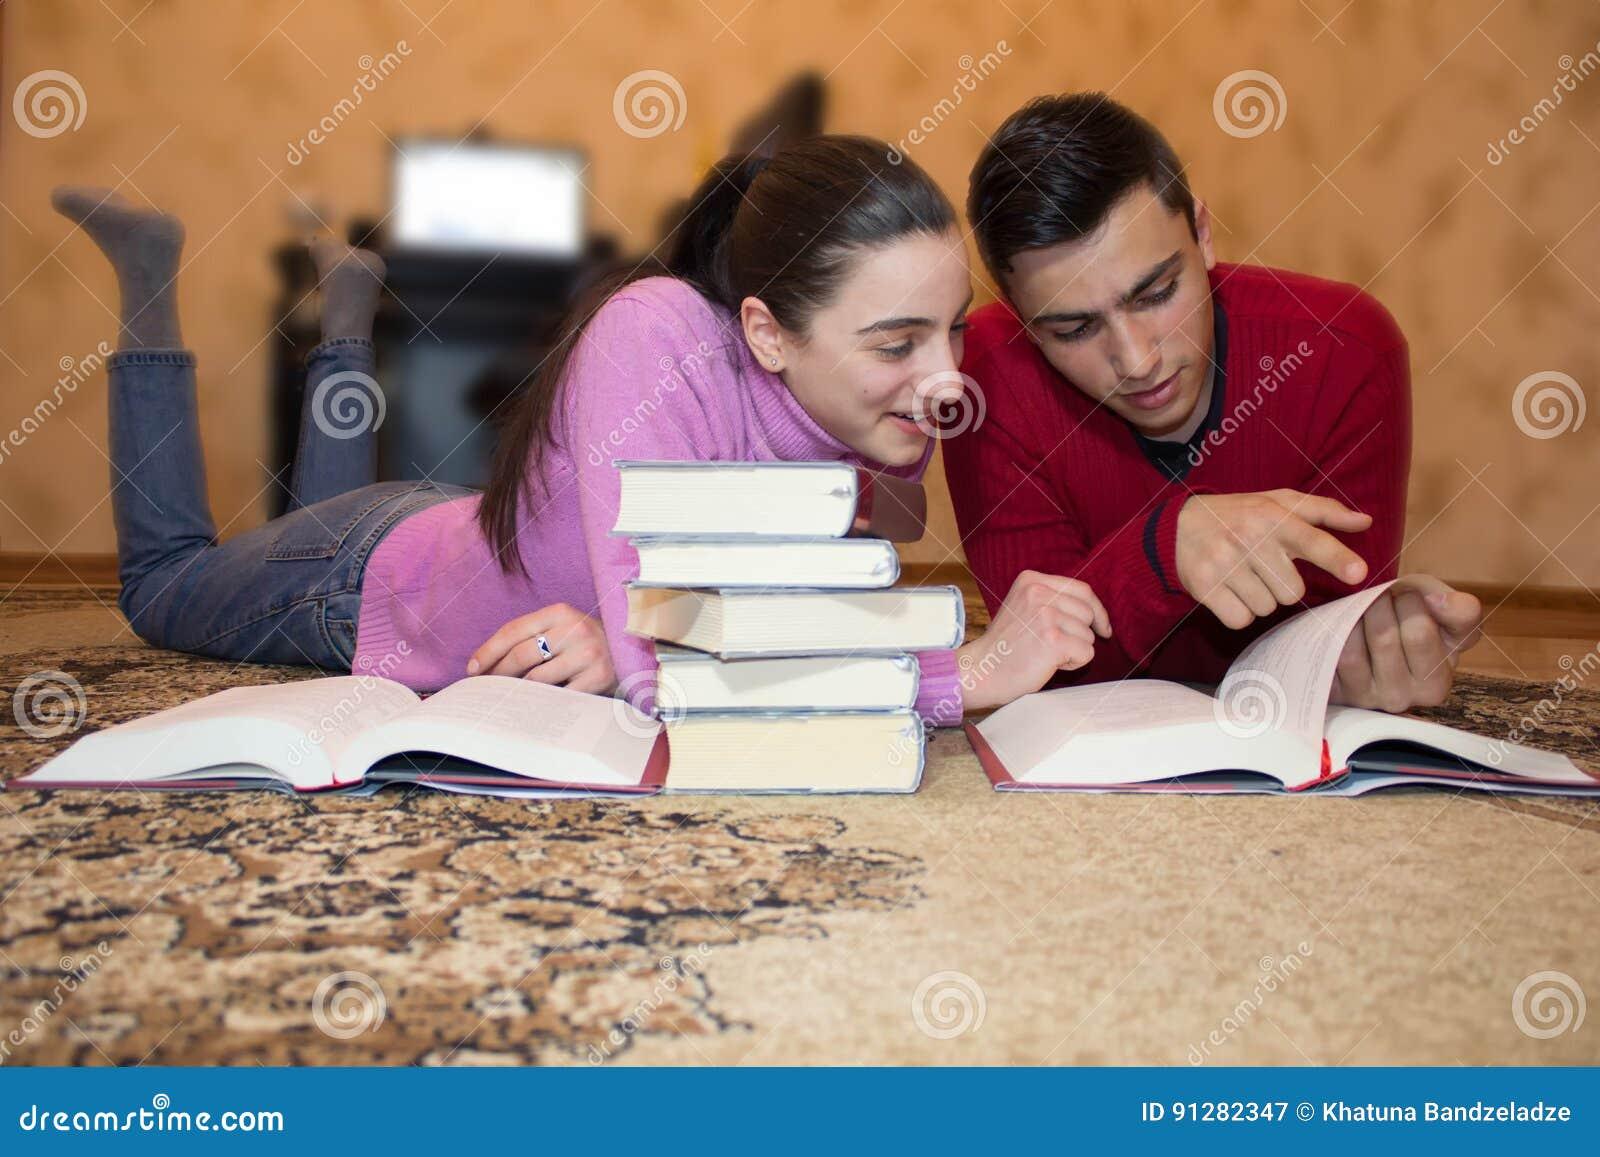 Utbildning och utveckling av livexpertis lästa bokbarn